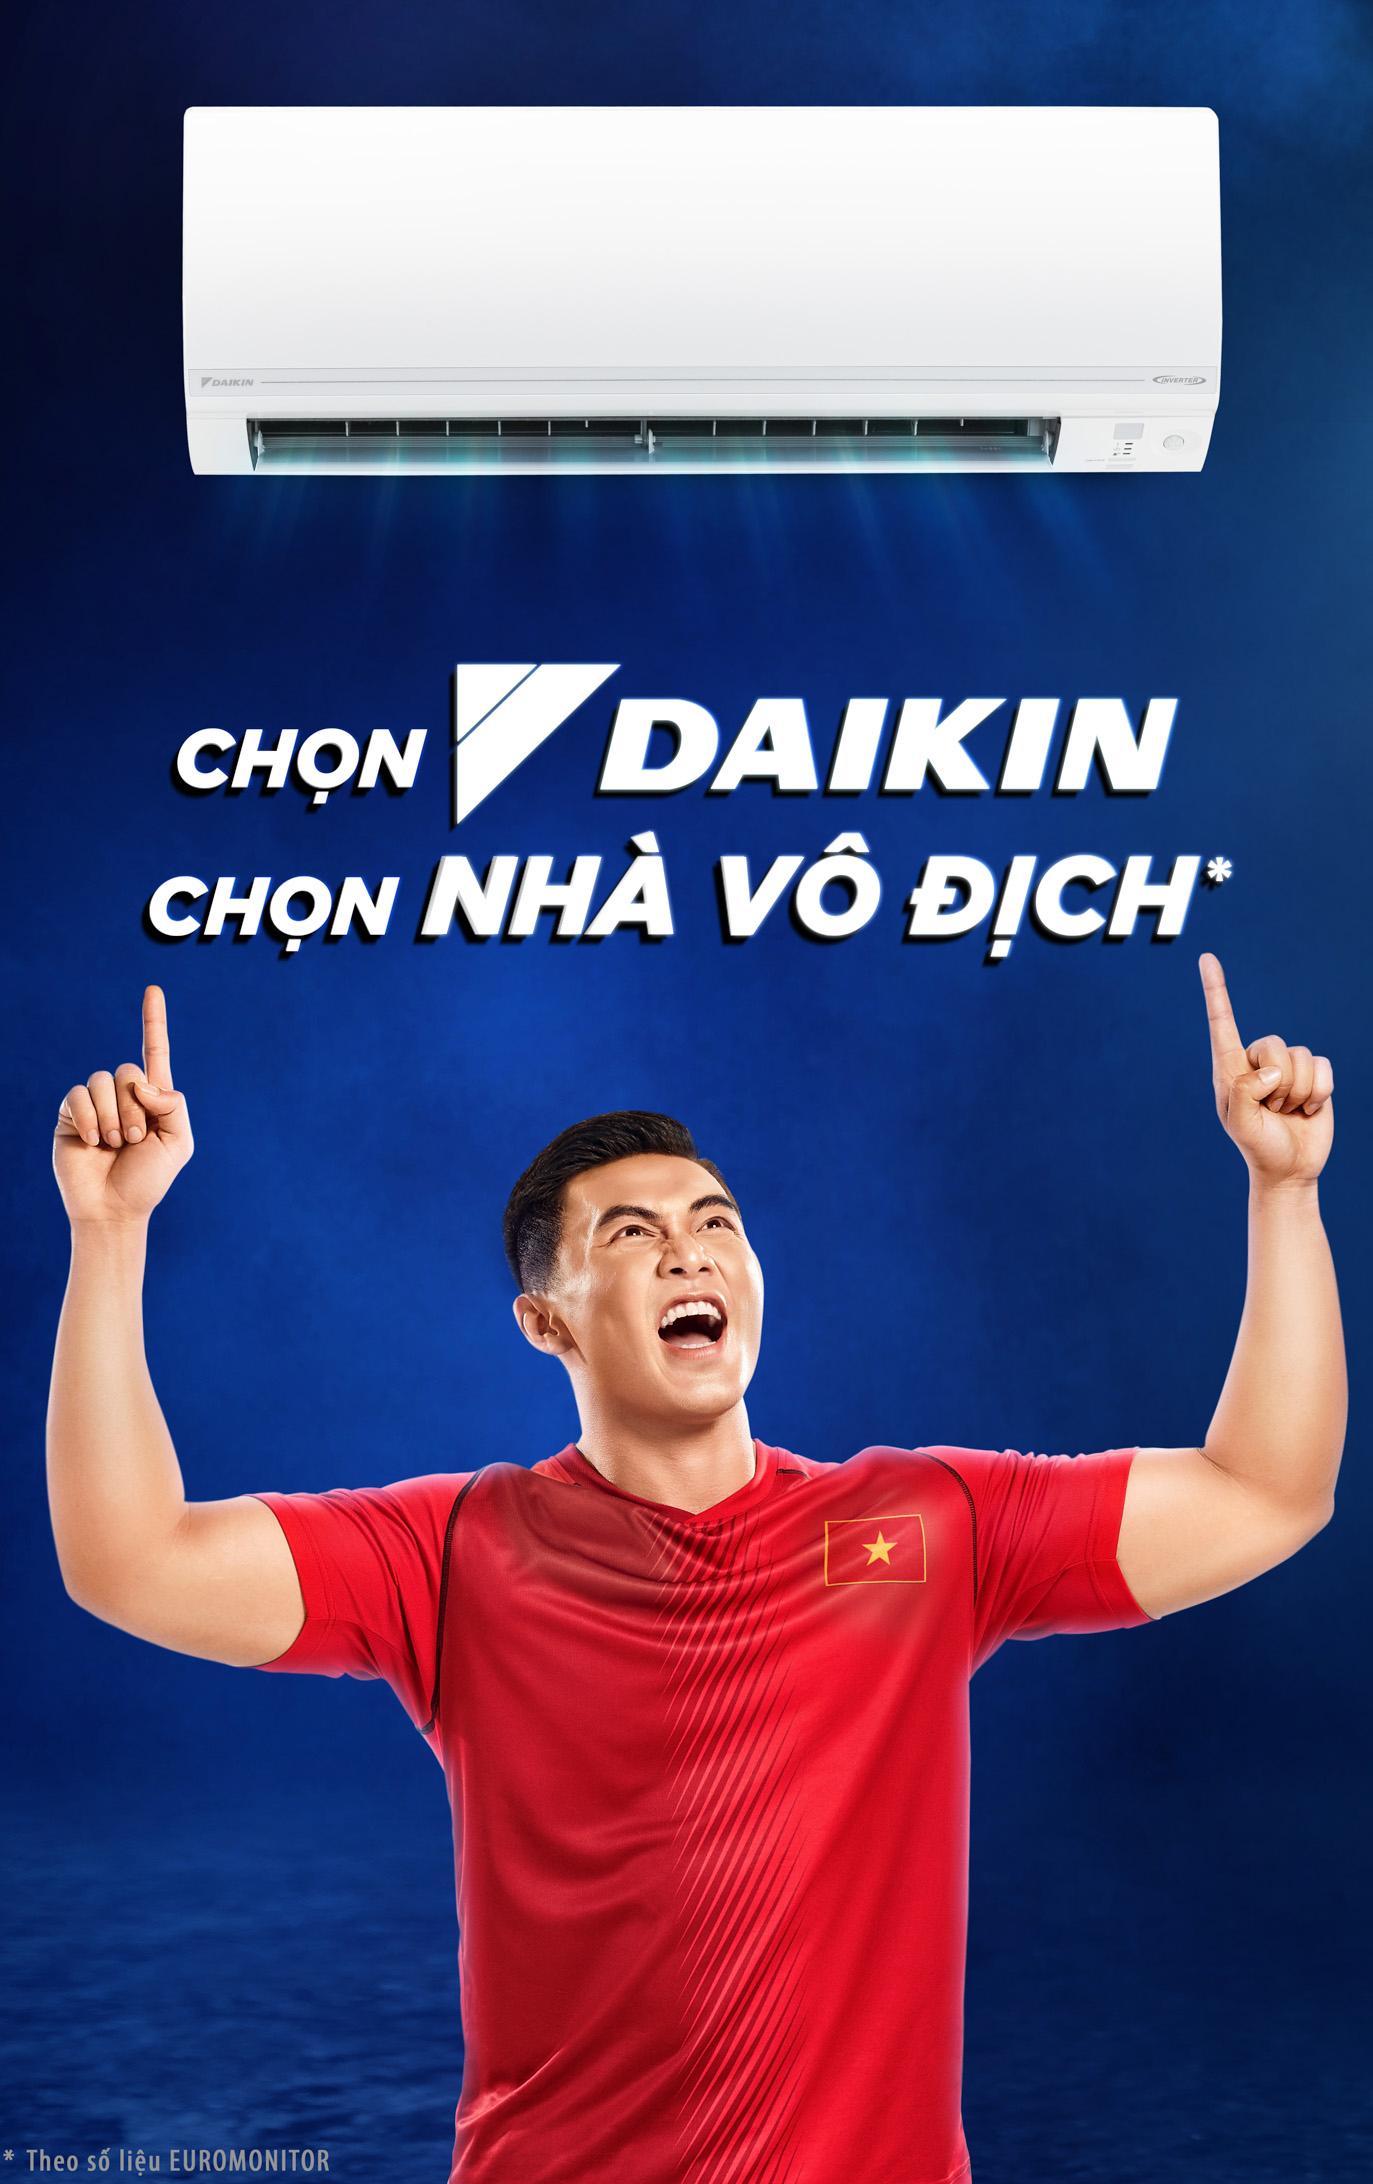 Chọn DaikinChọn Nhà vô địch - Daikin được biết đến như một chuyên gia điều hòa không khí thông qua sự đổi mới không ngừng trong công nghệ và thiết kế sản phẩm, với những đặc tính nổi bật:- Tiết kiệm điện: Giảm hóa đơn tiền điện đến 66% (Dựa trên tính toán điện năng tiêu thụ của Daikin Việt Nam).- Dẫn đầu với những công nghệ hiện đại: Hybrid Cooling, Luồng gió COANDA,..- Dịch vụ hậu mãi chuyên nghiệp, tận tình và chu đáo